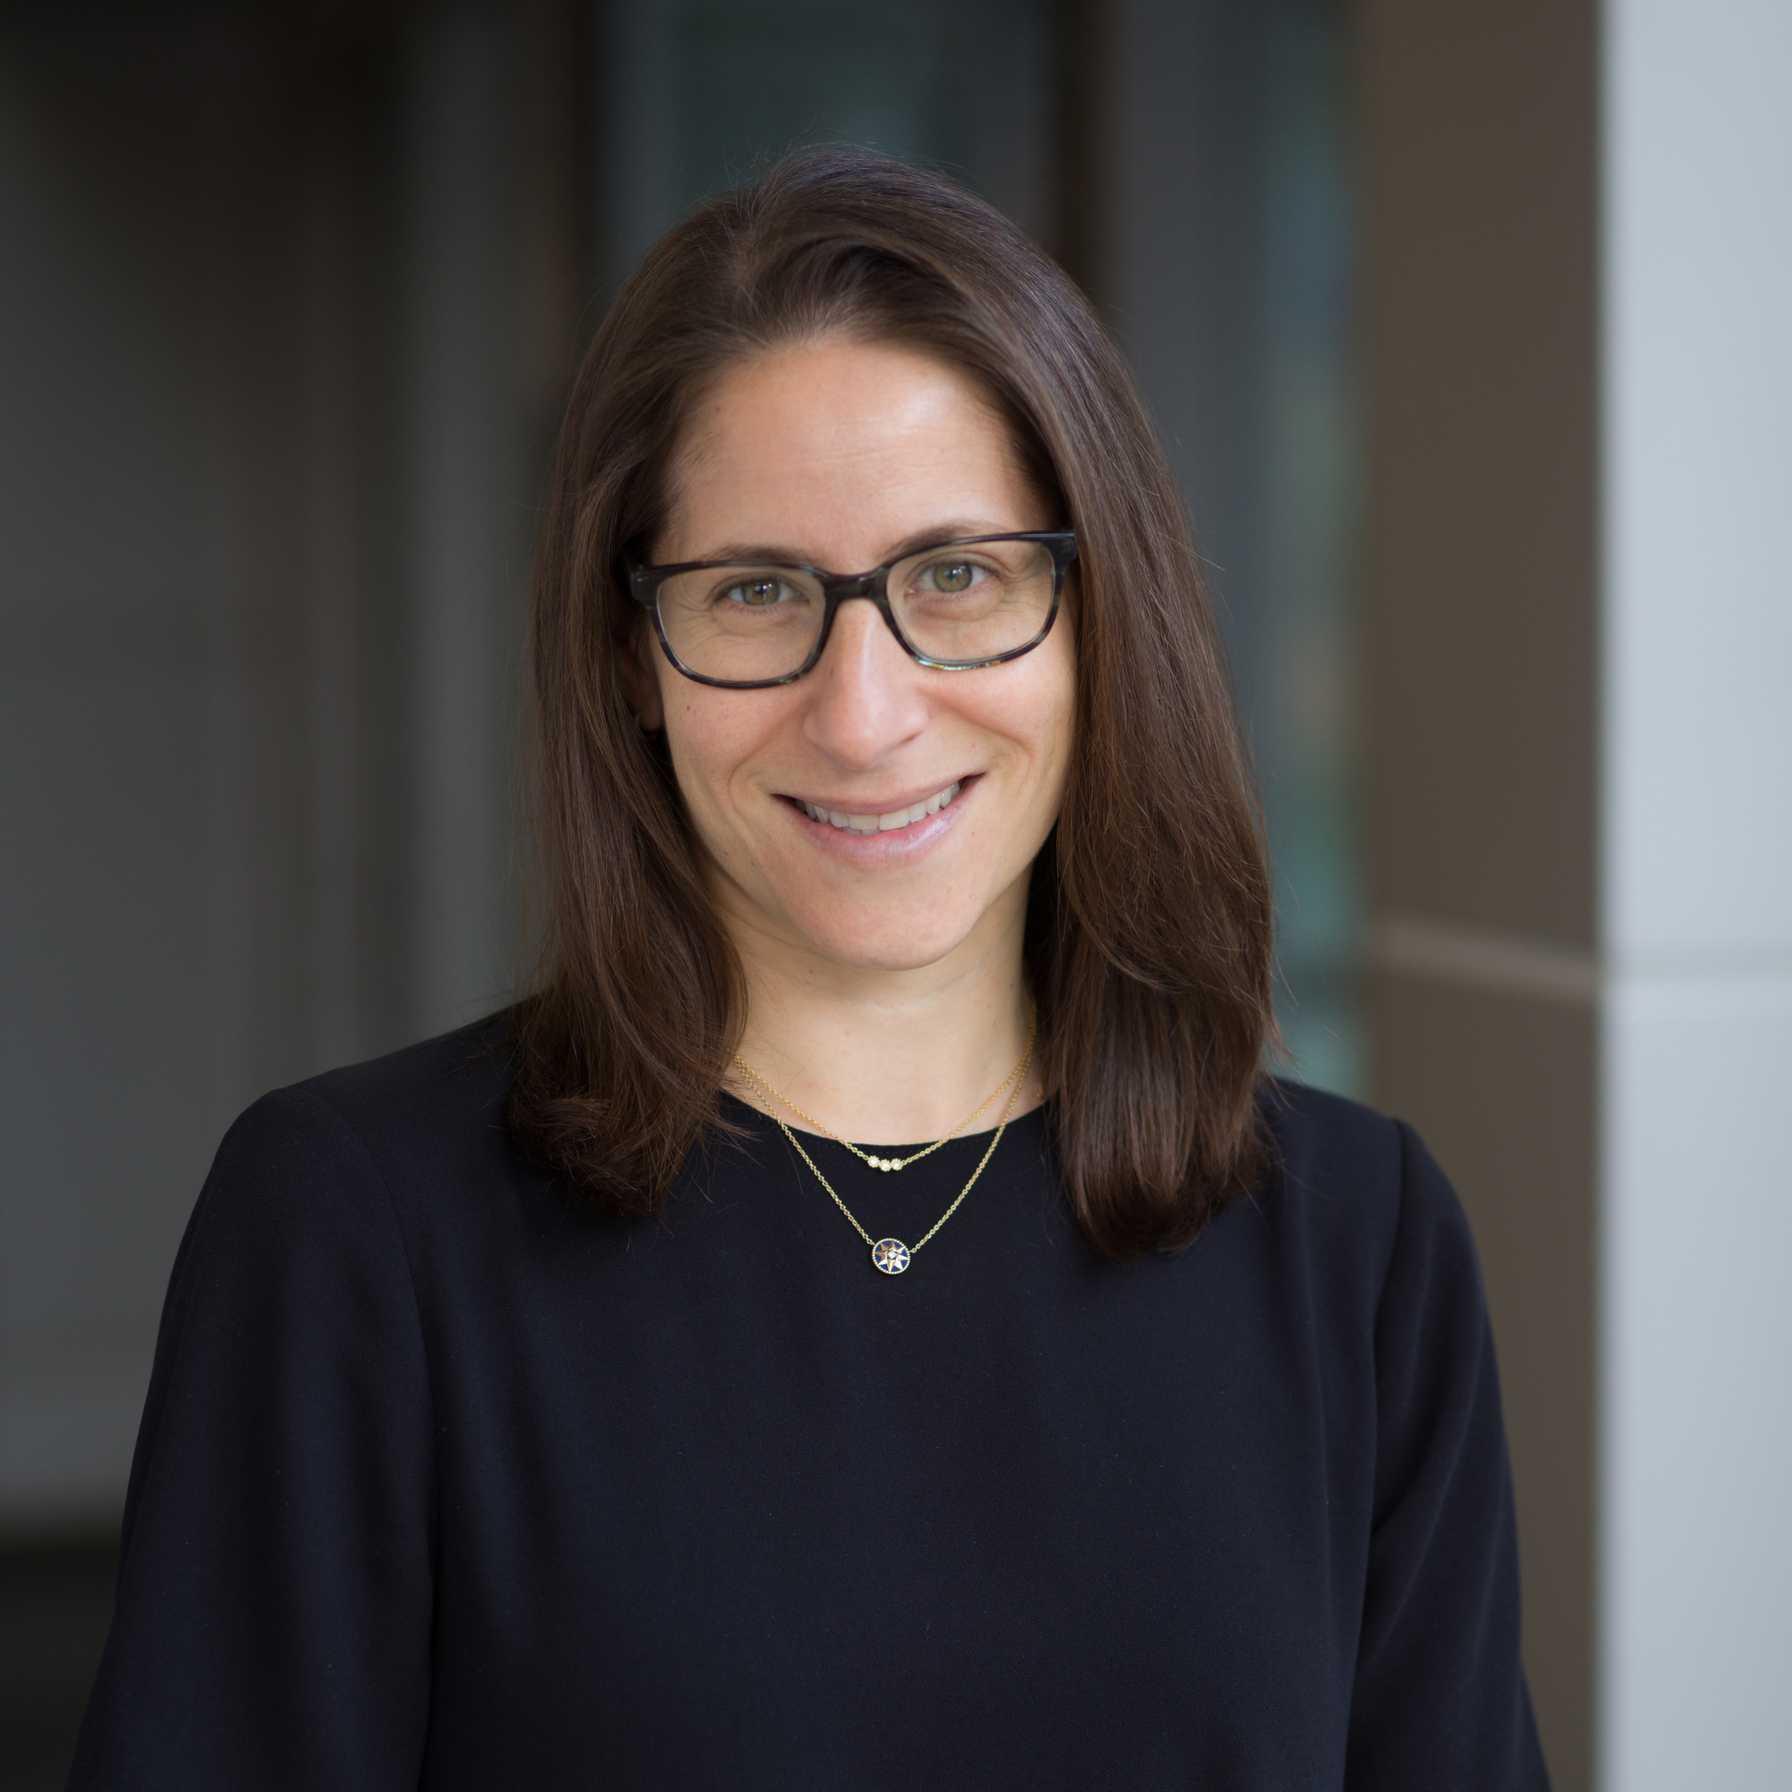 Jillian Parekh, MD